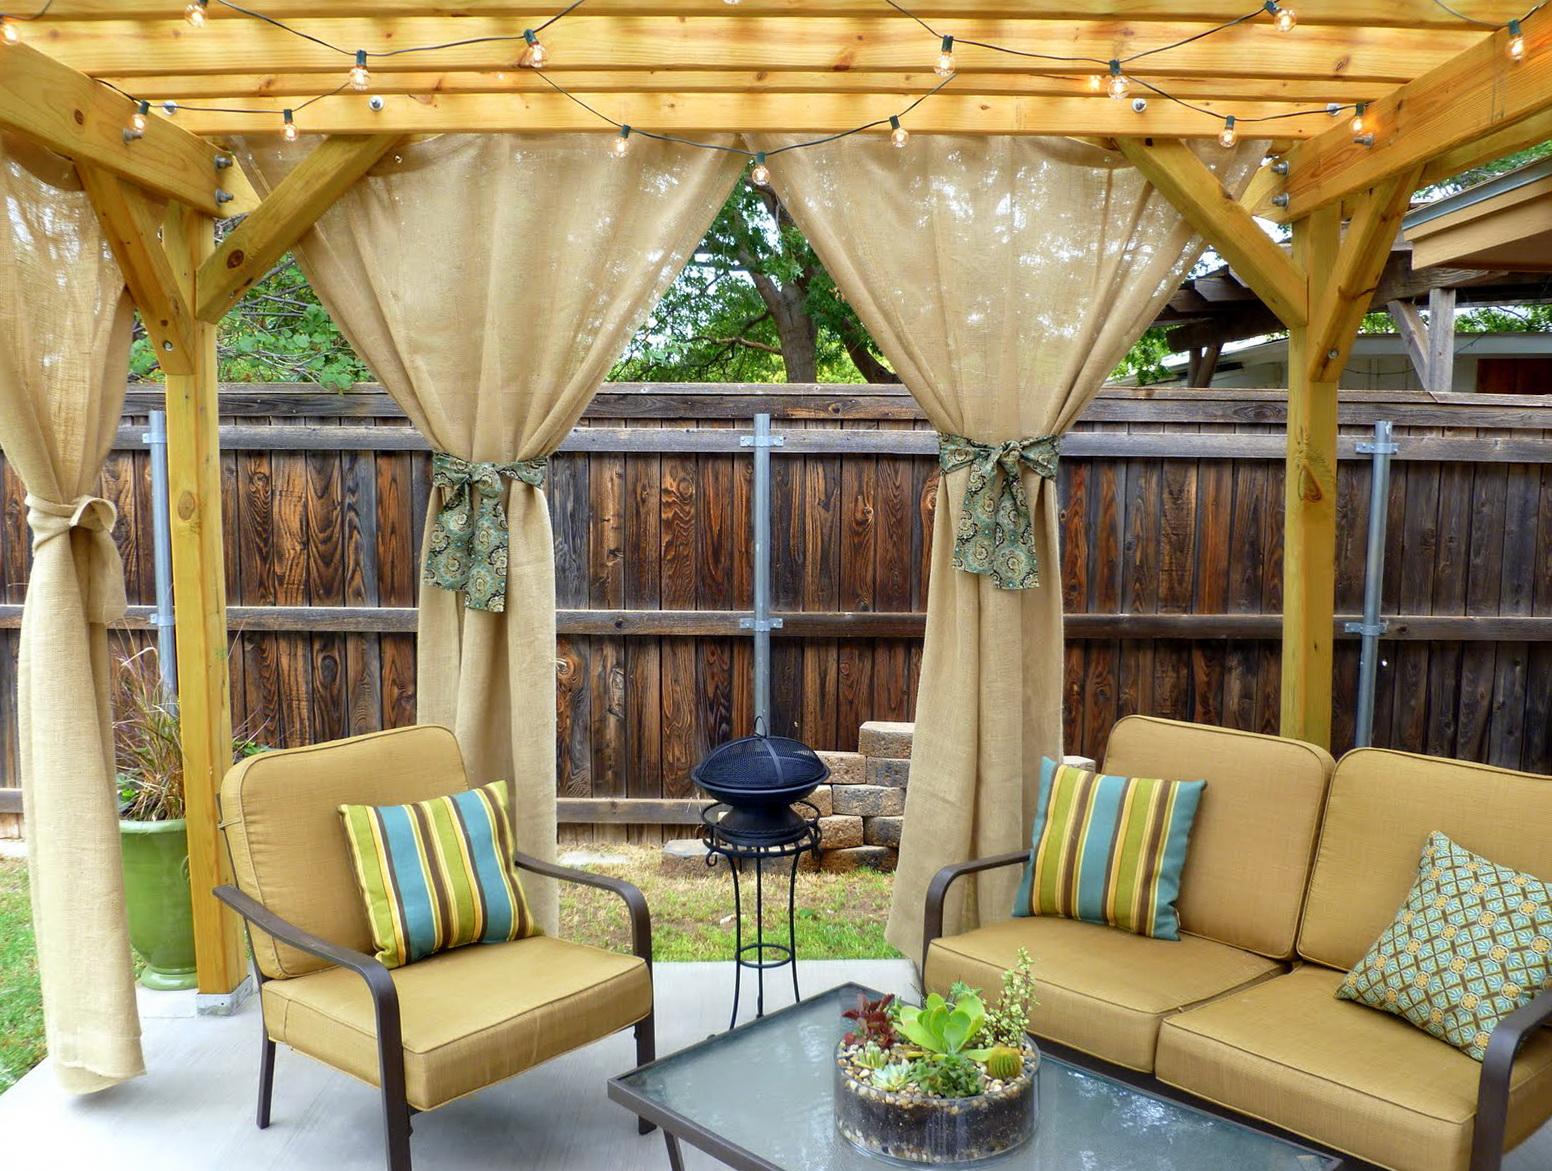 Pergola Designs With Curtains